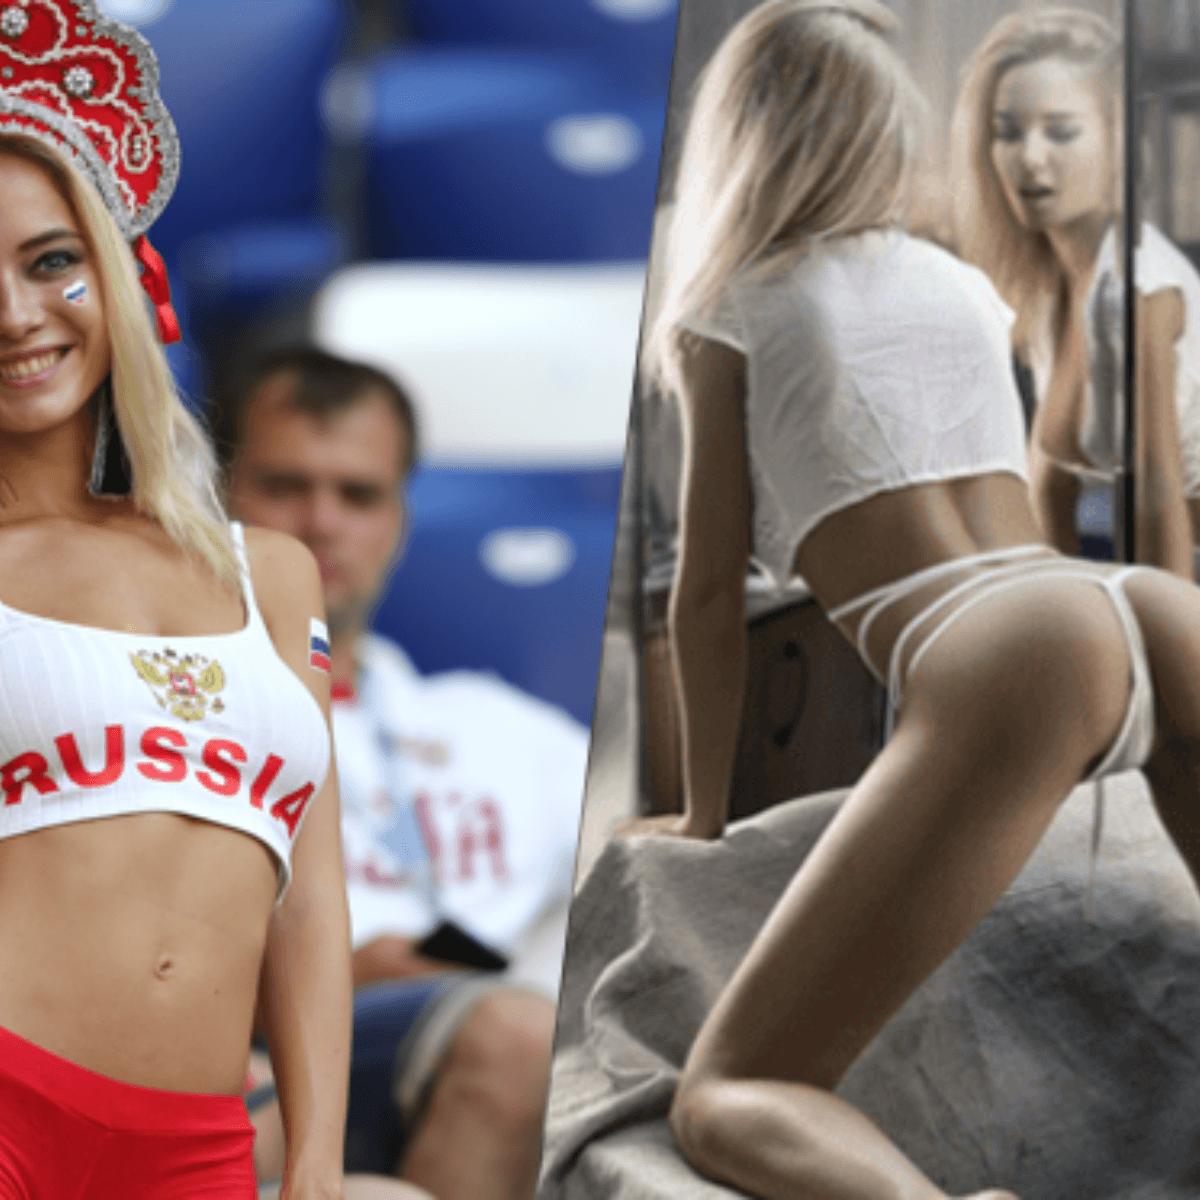 Mujeres Rusas En Porno la fanática rusa más caliente contó que su exnovio subió un